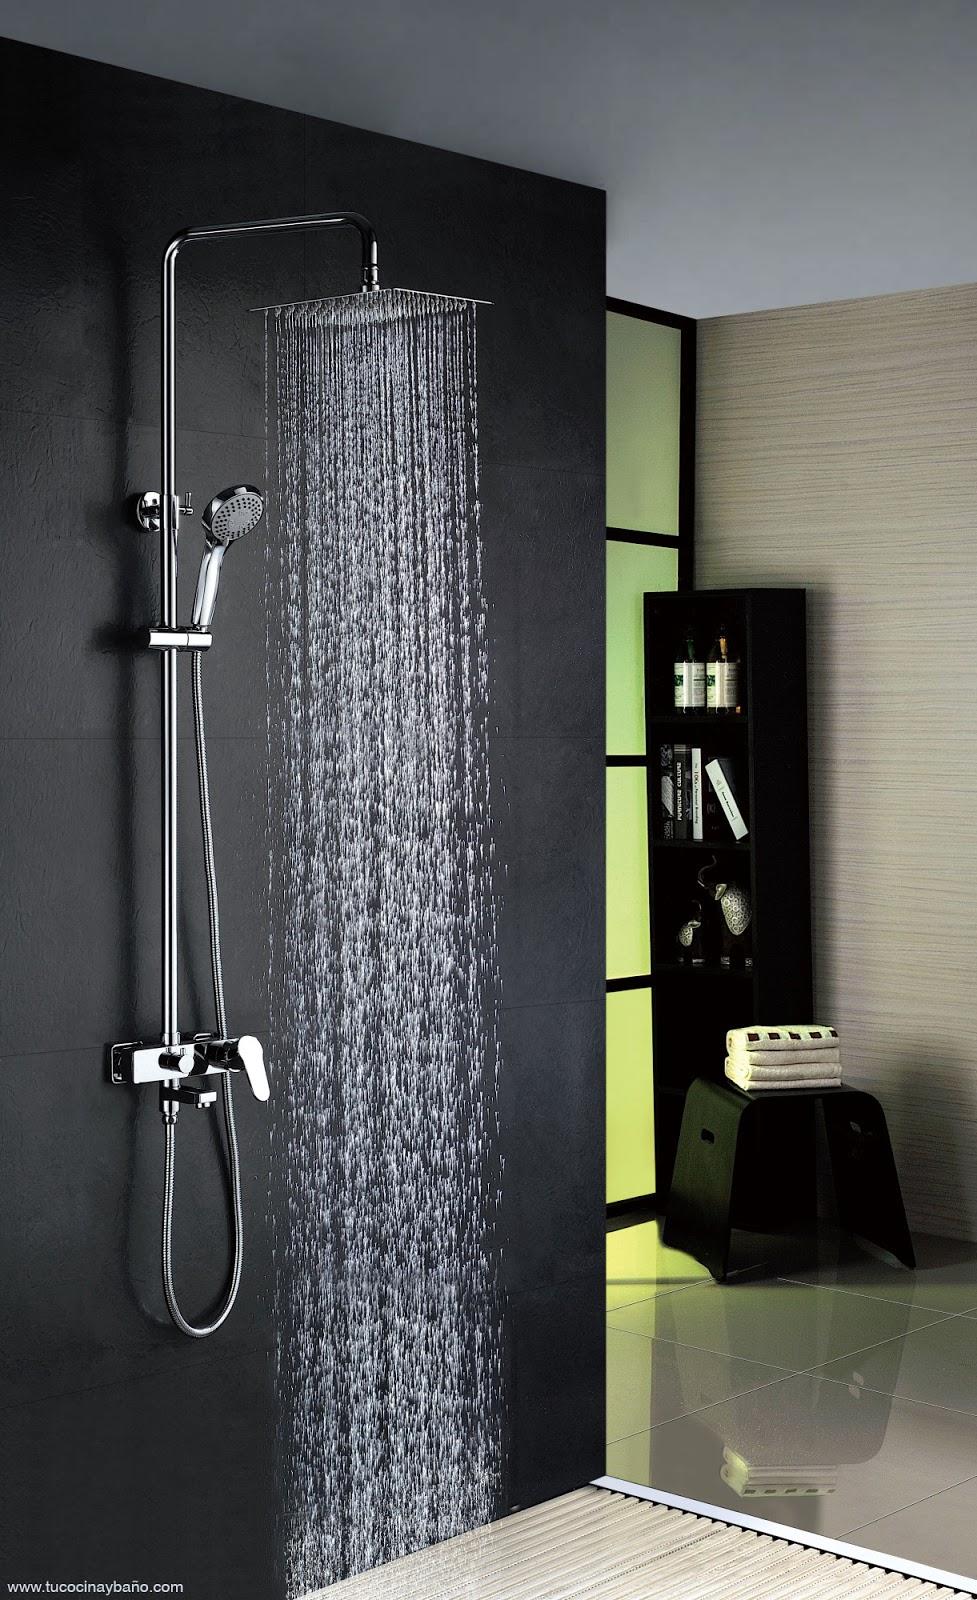 Grifo ba o rustico precio monomando tu cocina y ba o for Grifos de ducha termostaticos precios